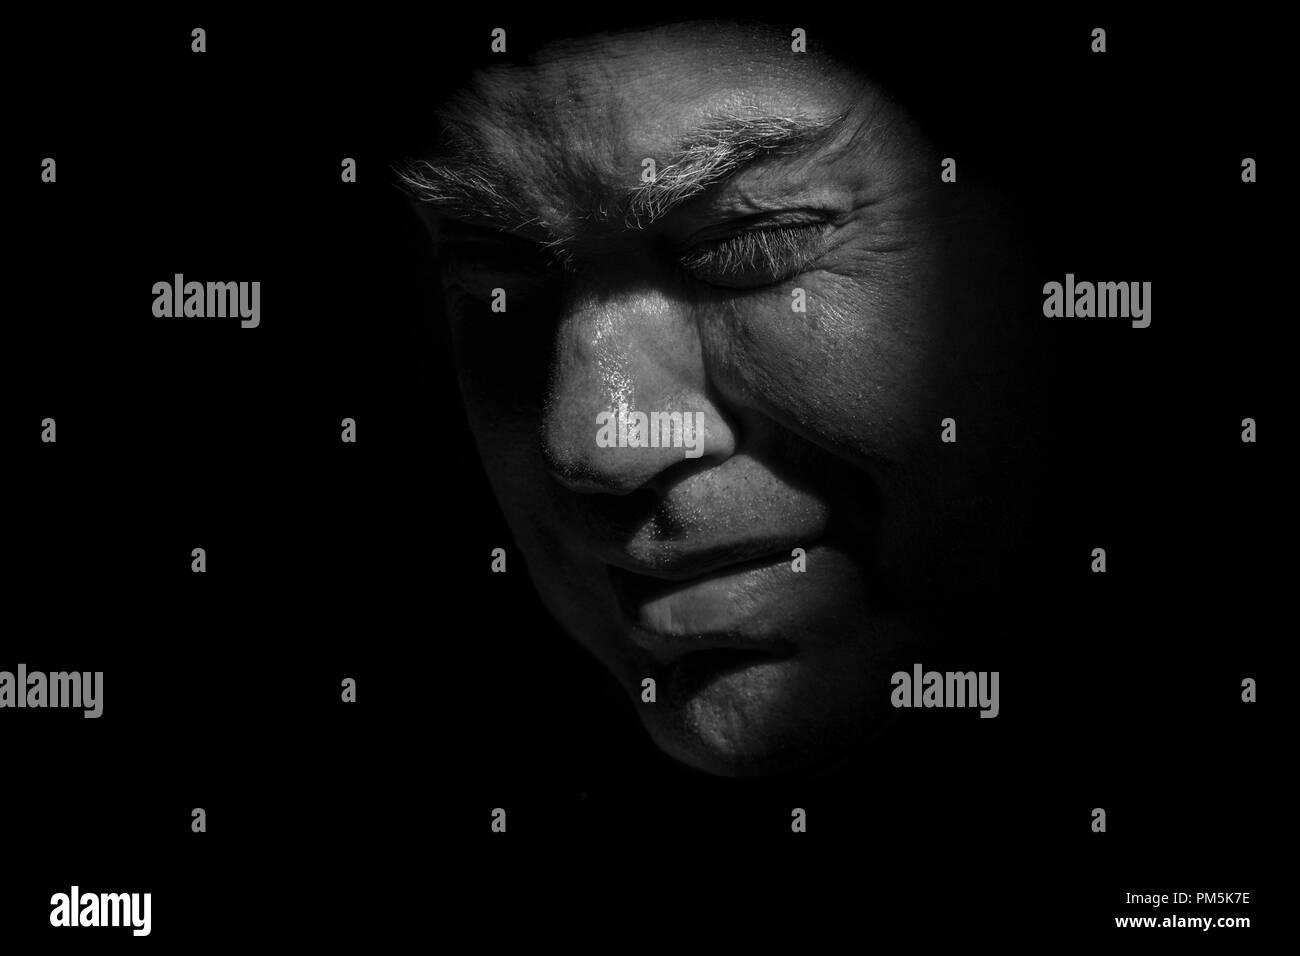 Modelo liberado closeup del hombre del rostro, buscando desesperada, angustiada, en medio de la angustia y la desesperación, mientras que entrecerrar en brillantes luces de Moody. Concepto. Imagen De Stock